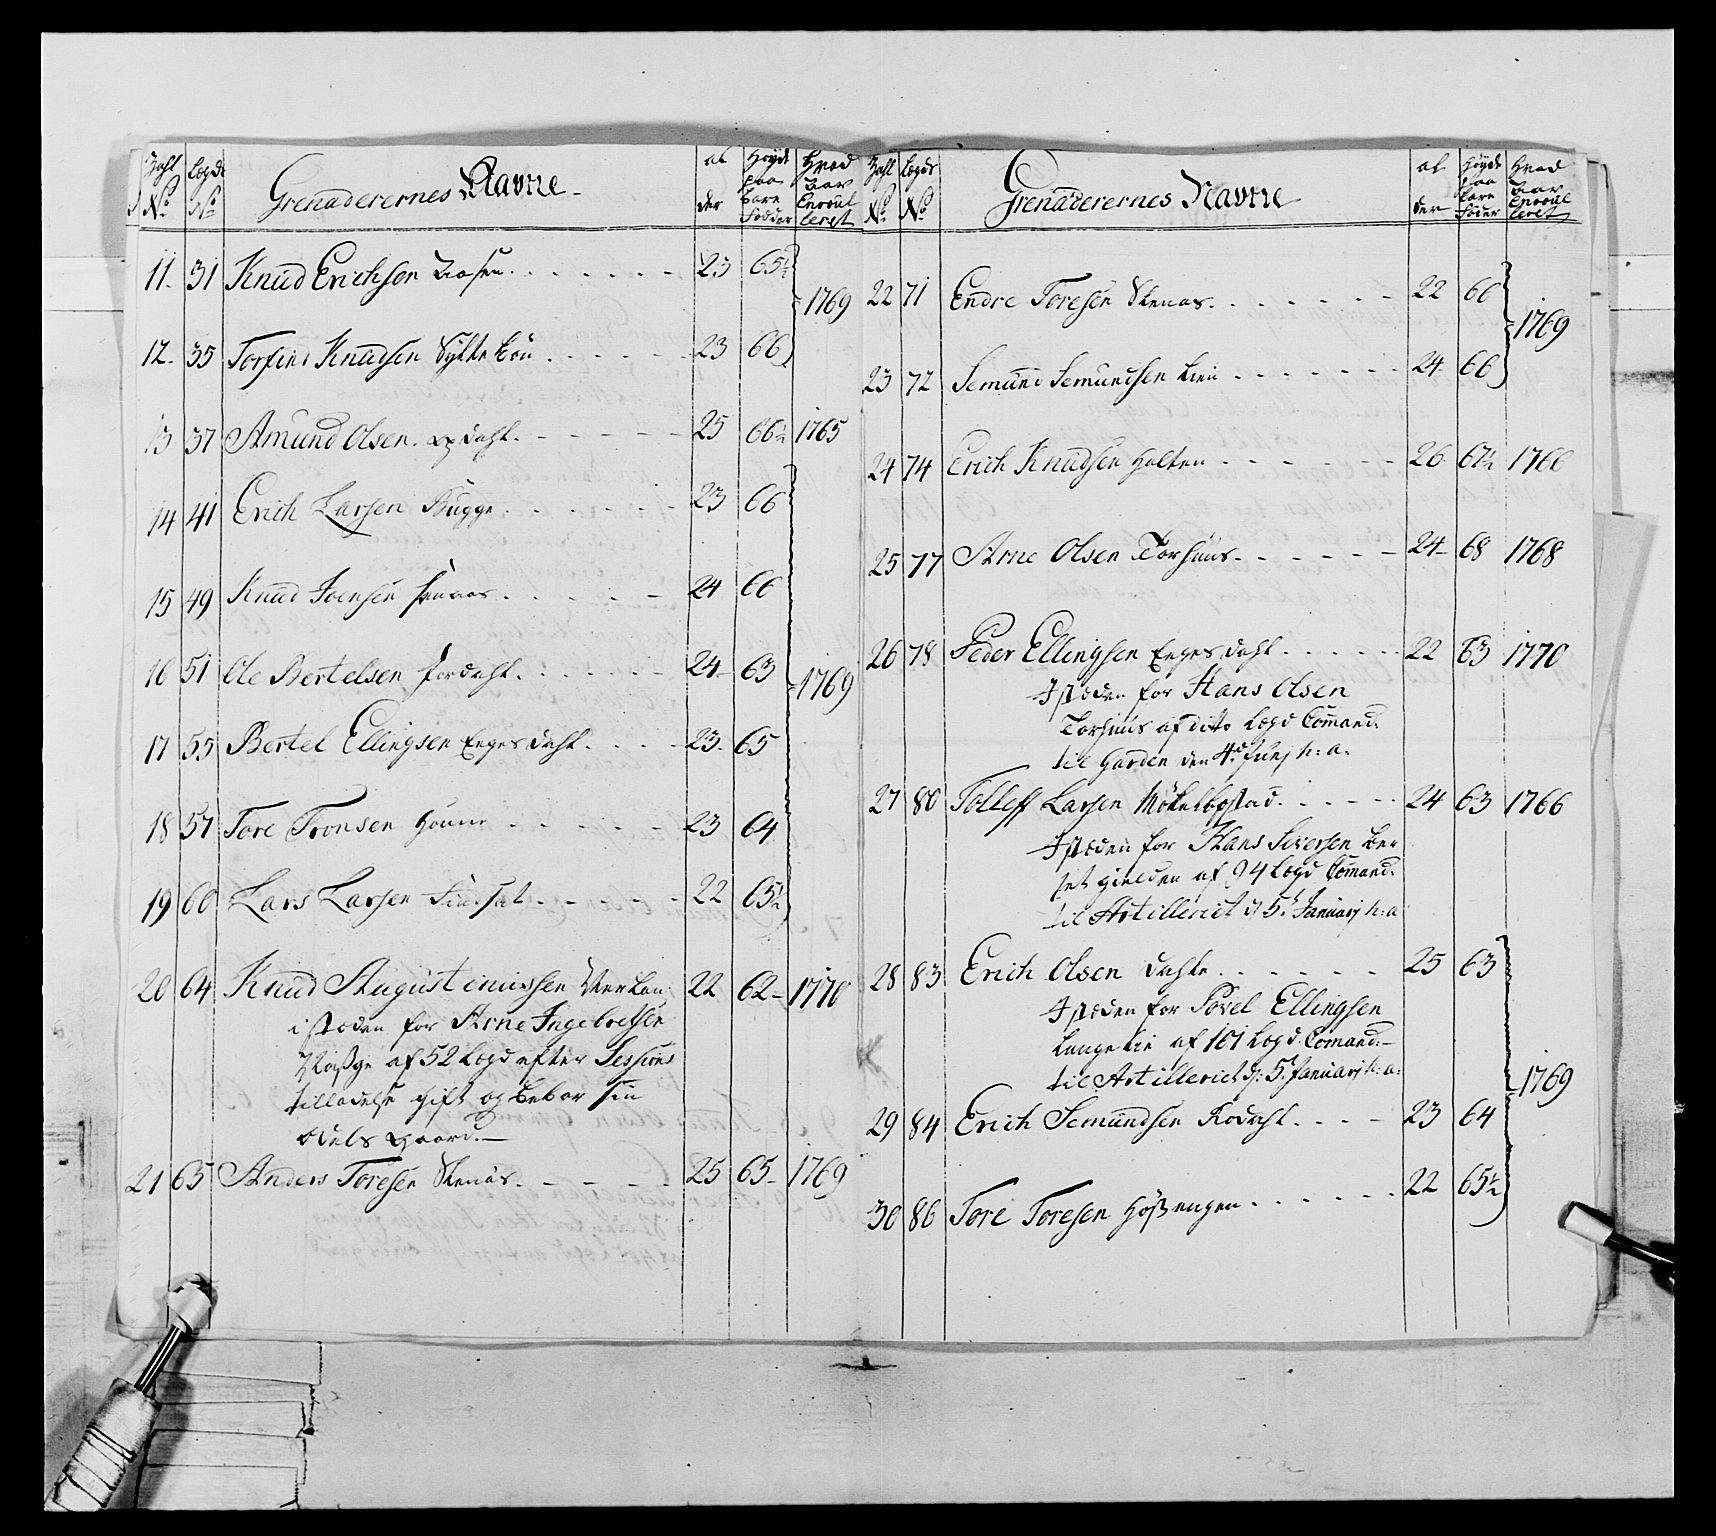 RA, Generalitets- og kommissariatskollegiet, Det kongelige norske kommissariatskollegium, E/Eh/L0076: 2. Trondheimske nasjonale infanteriregiment, 1766-1773, s. 125